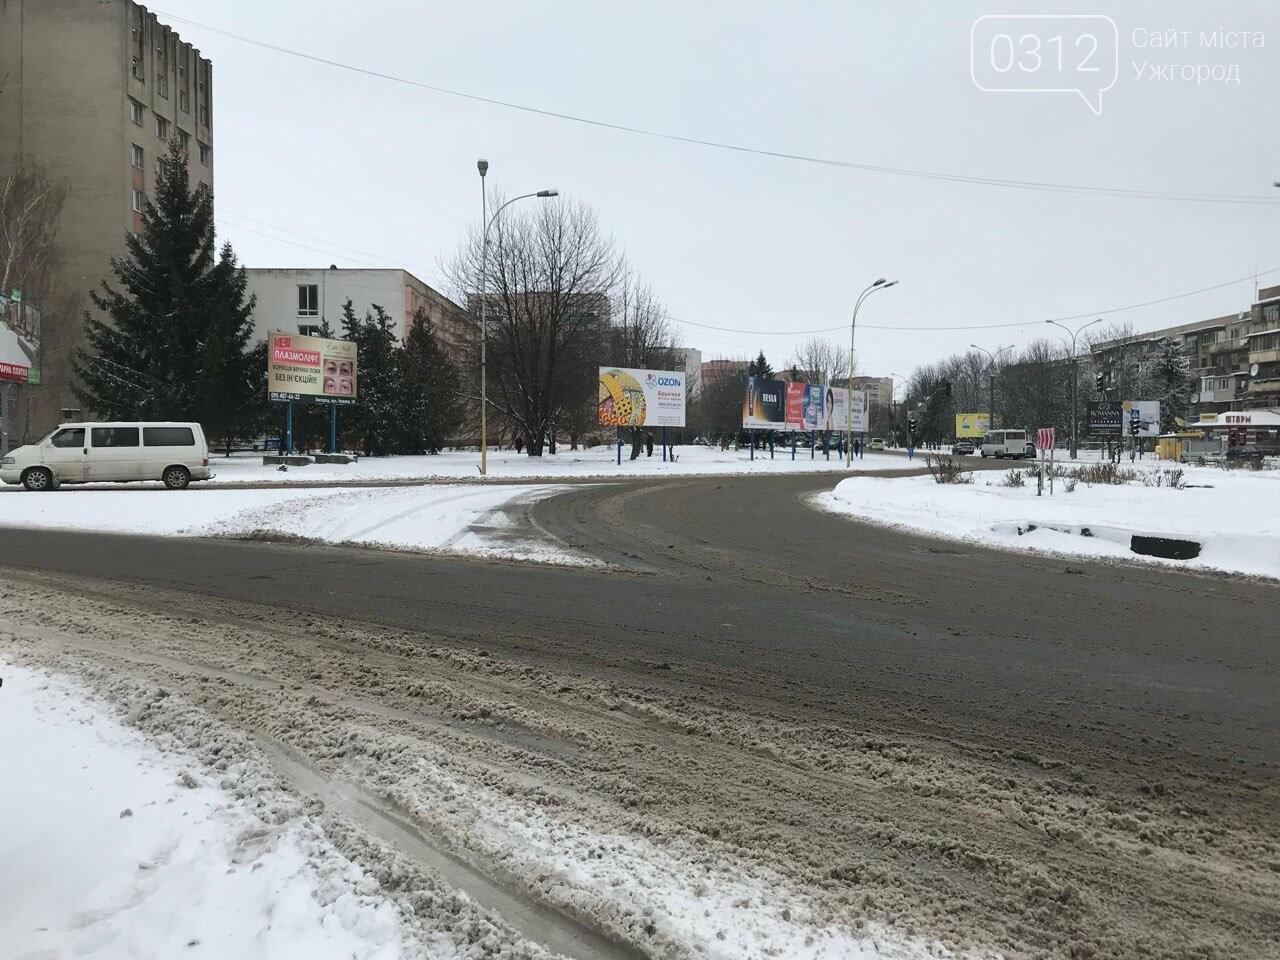 Ужгородські вулиці ще нерозчищені повністю, хоча спецтехніка активно працює (ФОТО), фото-9